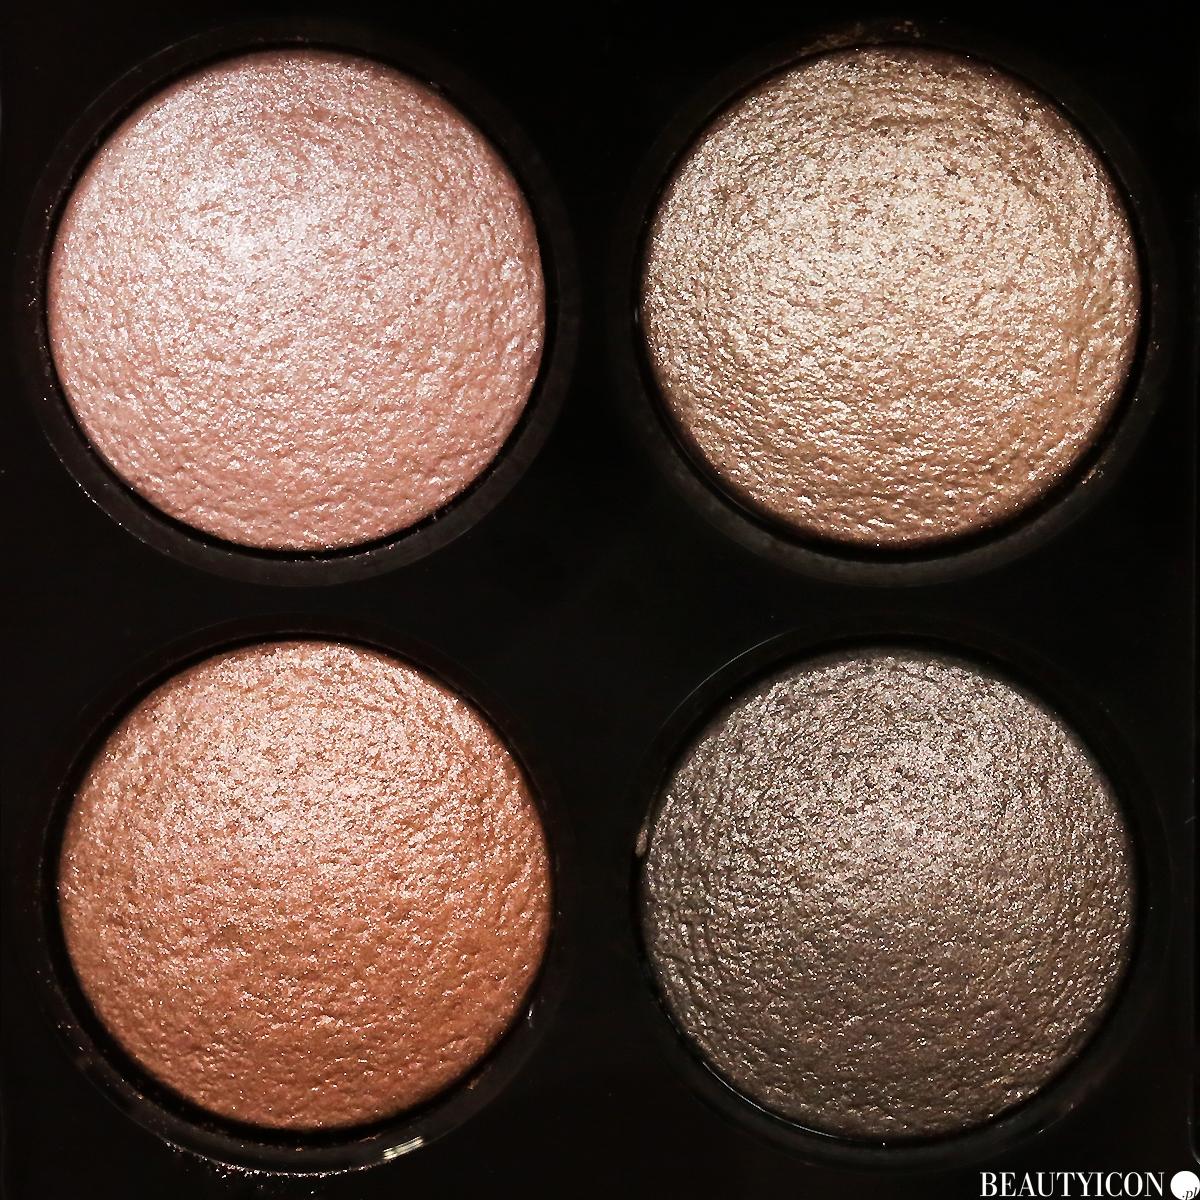 Chanel Coco Codes Les 4 Ombres Codes Subtils